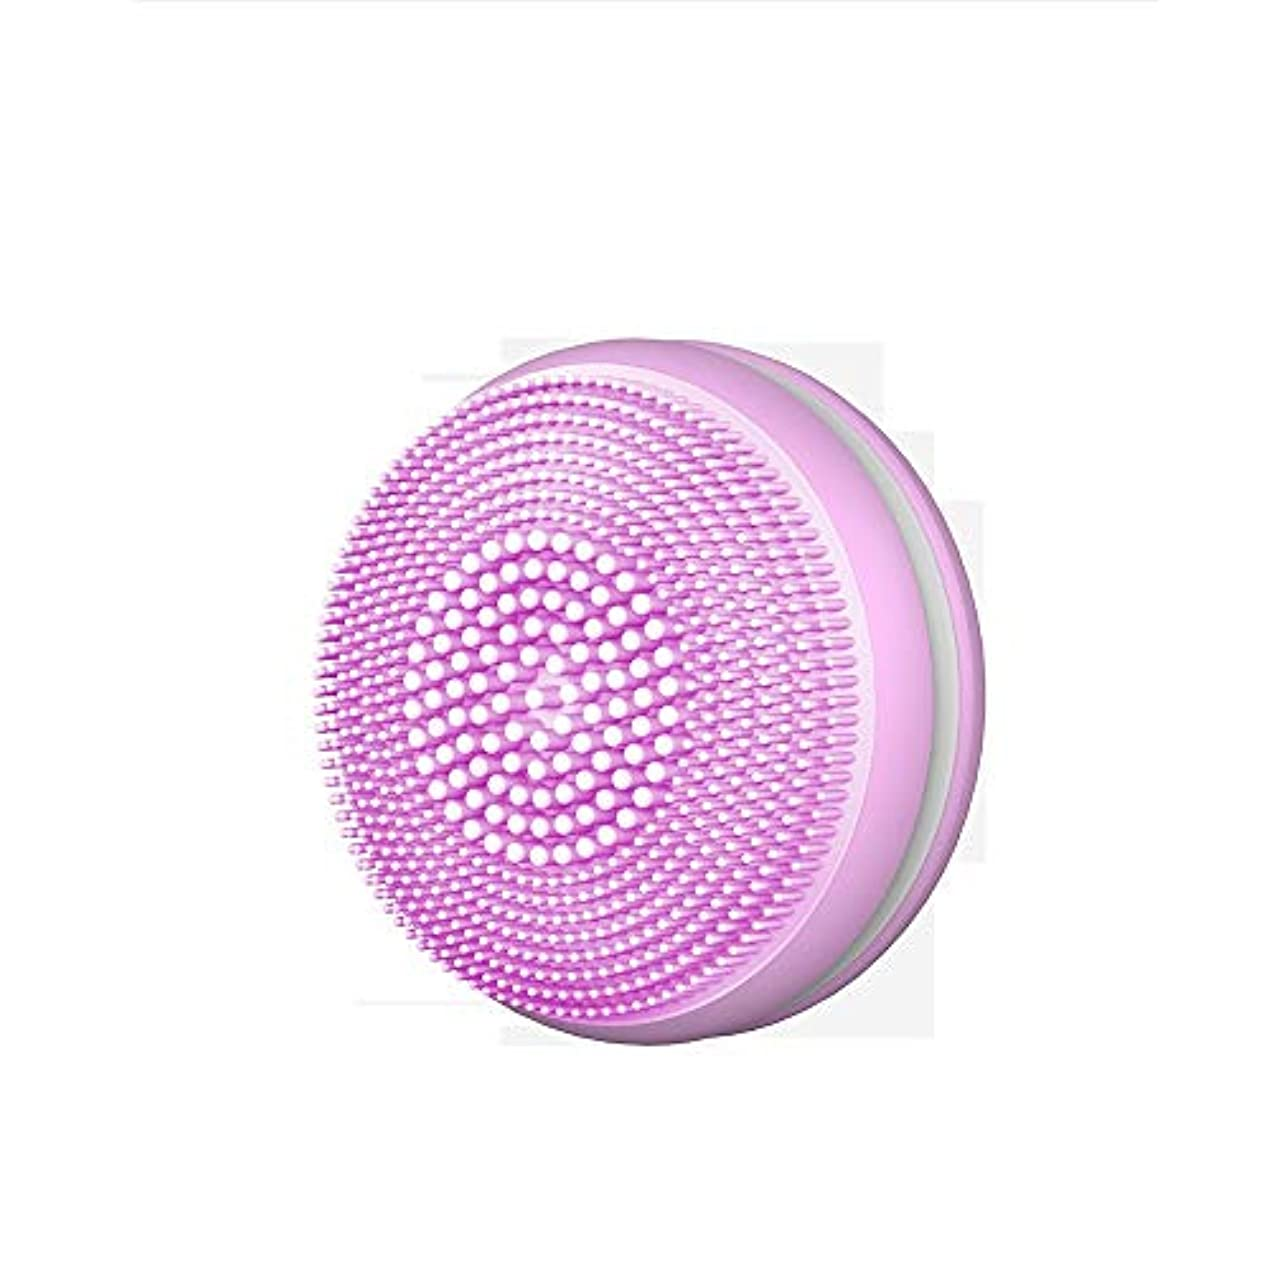 バドミントンミュート老朽化したZXF 新しいマカロン形状シリコーンクリーナー電気掃除毛穴美容器具ミニ超音波洗浄器具マッサージ器具 滑らかである (色 : Pink)